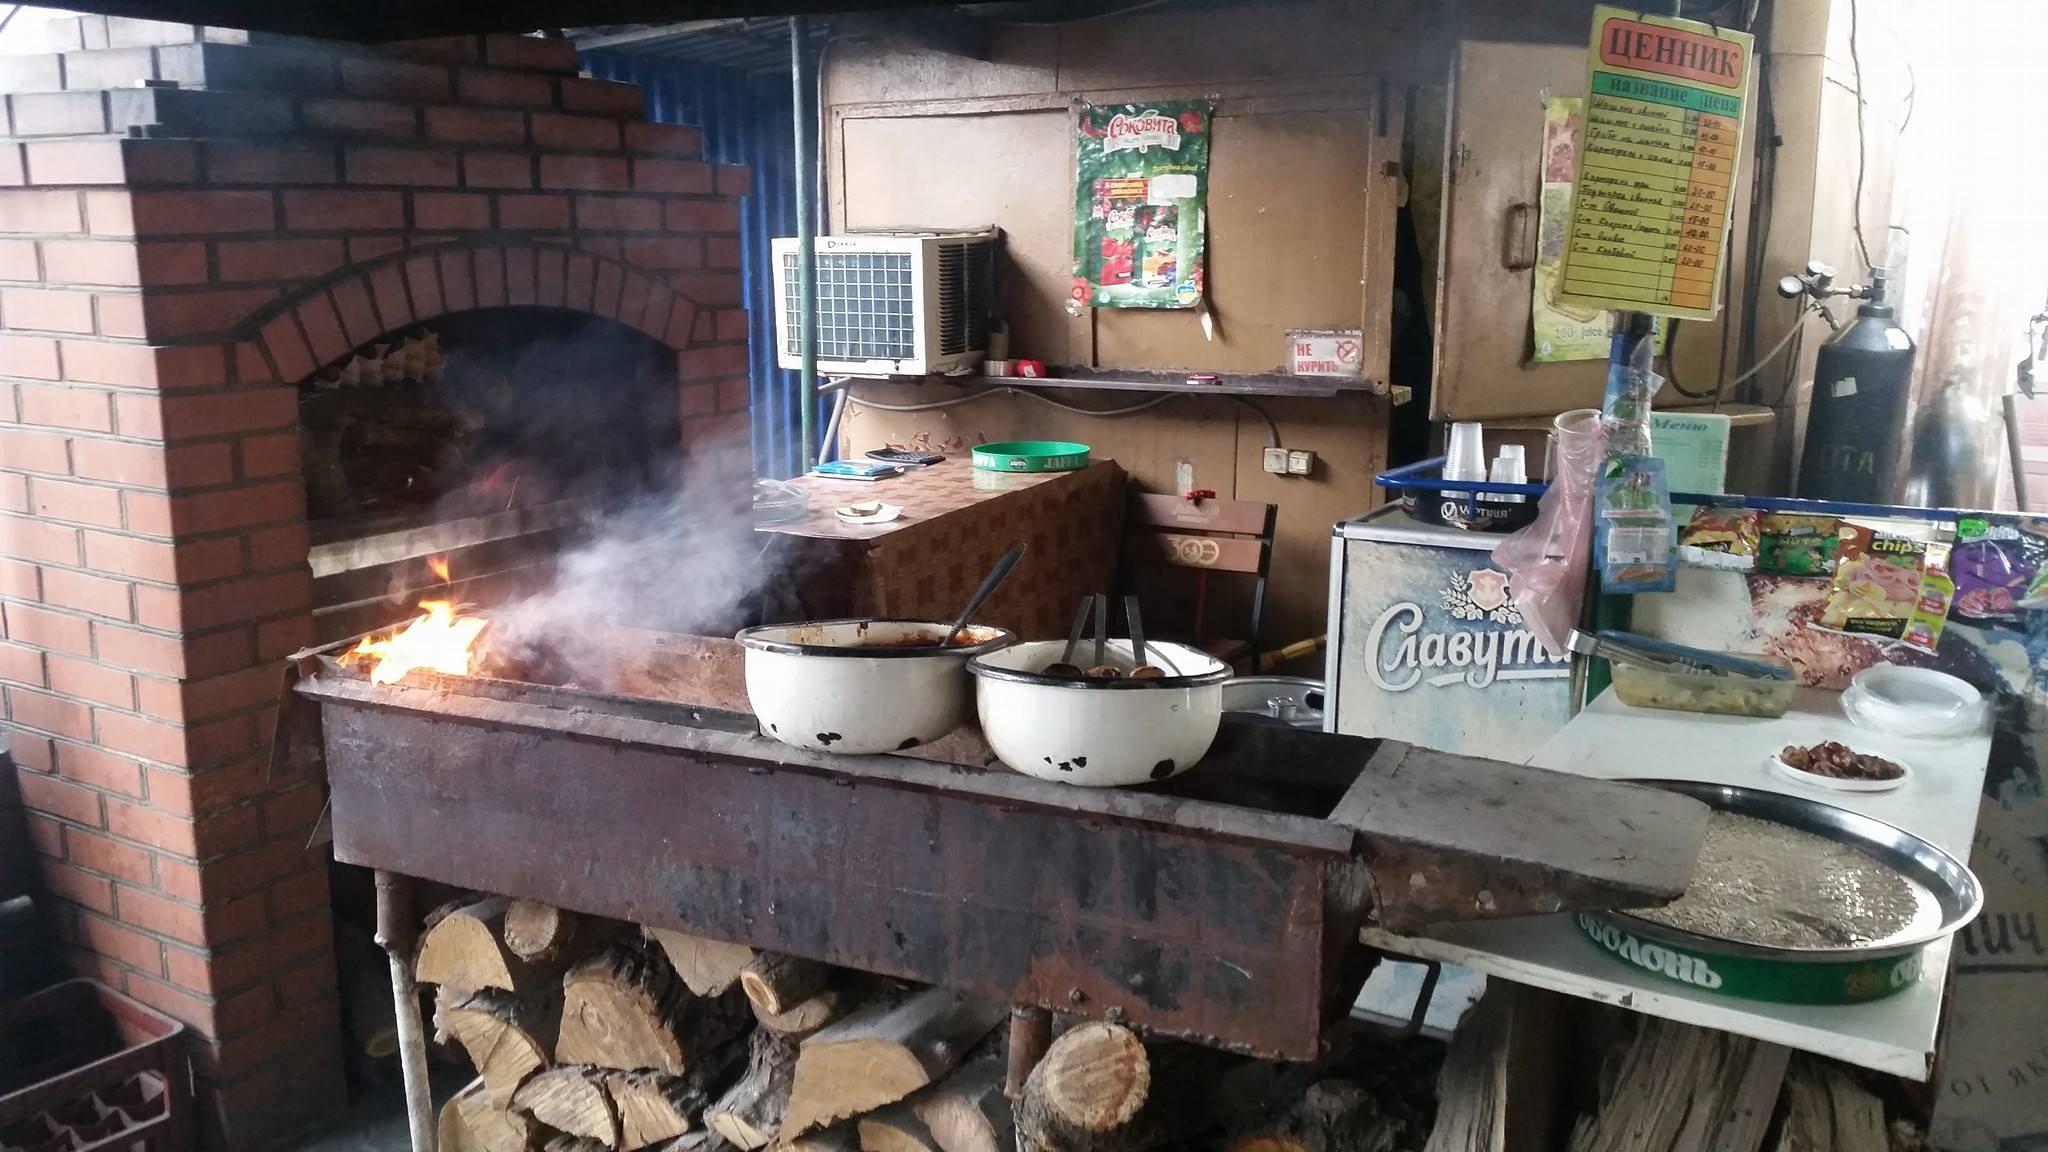 cucina con forno a legna con mattoni a vista, due casseruole bianche su una struttura di ferro con sotto della legna e sulla destra un piano di lavoro con dei vassoi e del cibo